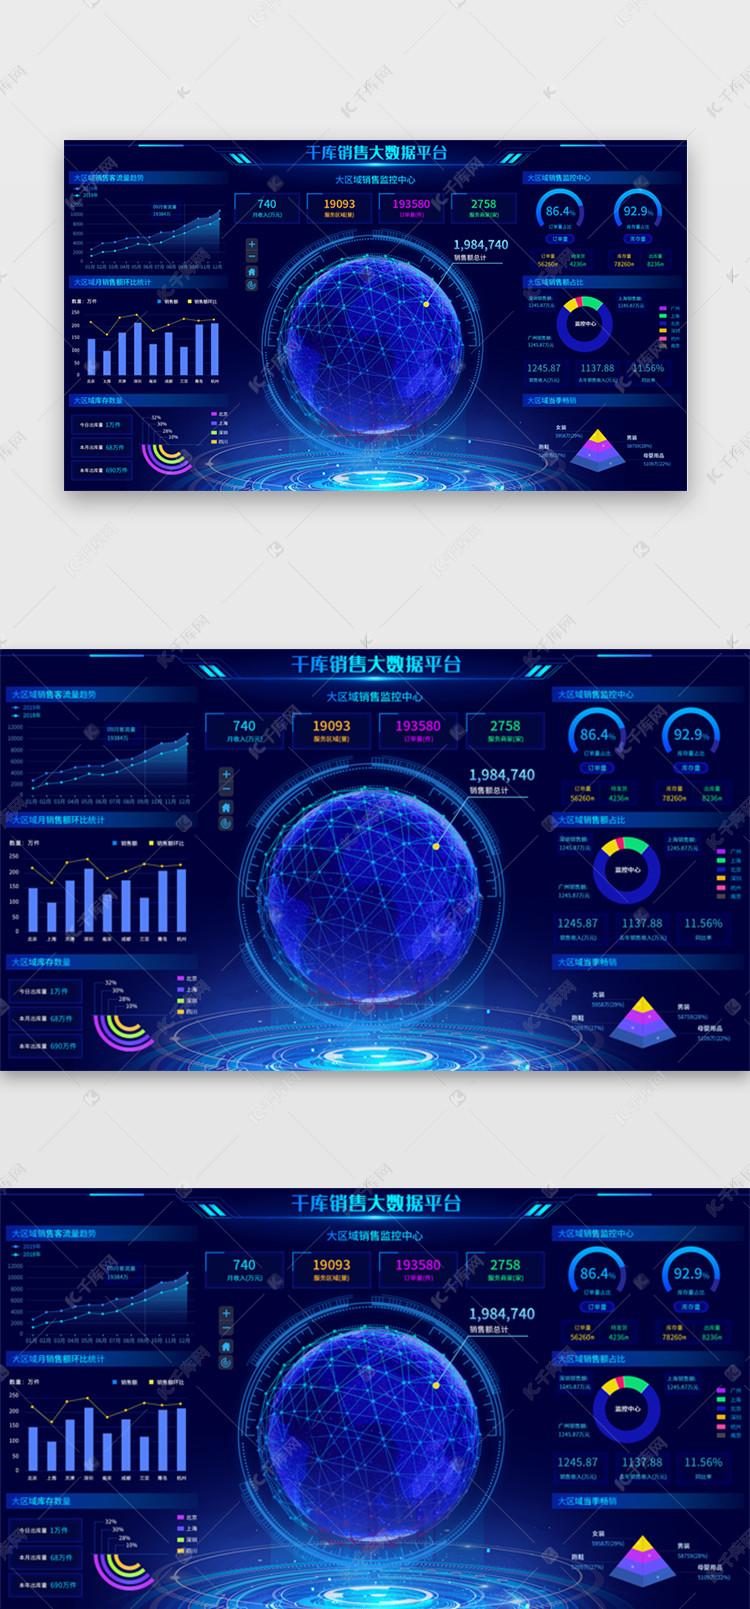 深蓝色系销售平台数据可视化